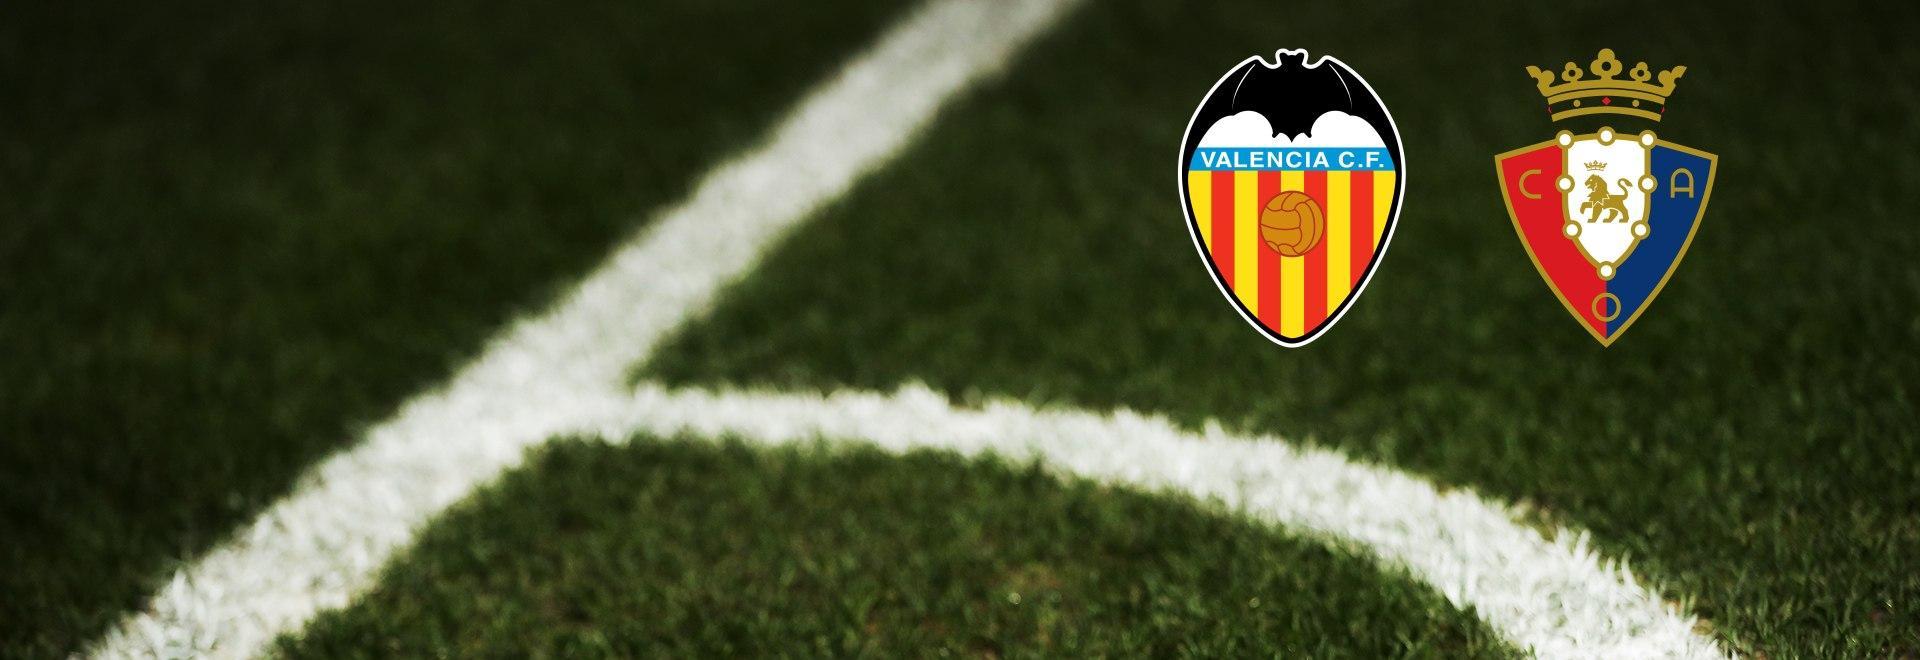 Valencia - Osasuna. 19a g.